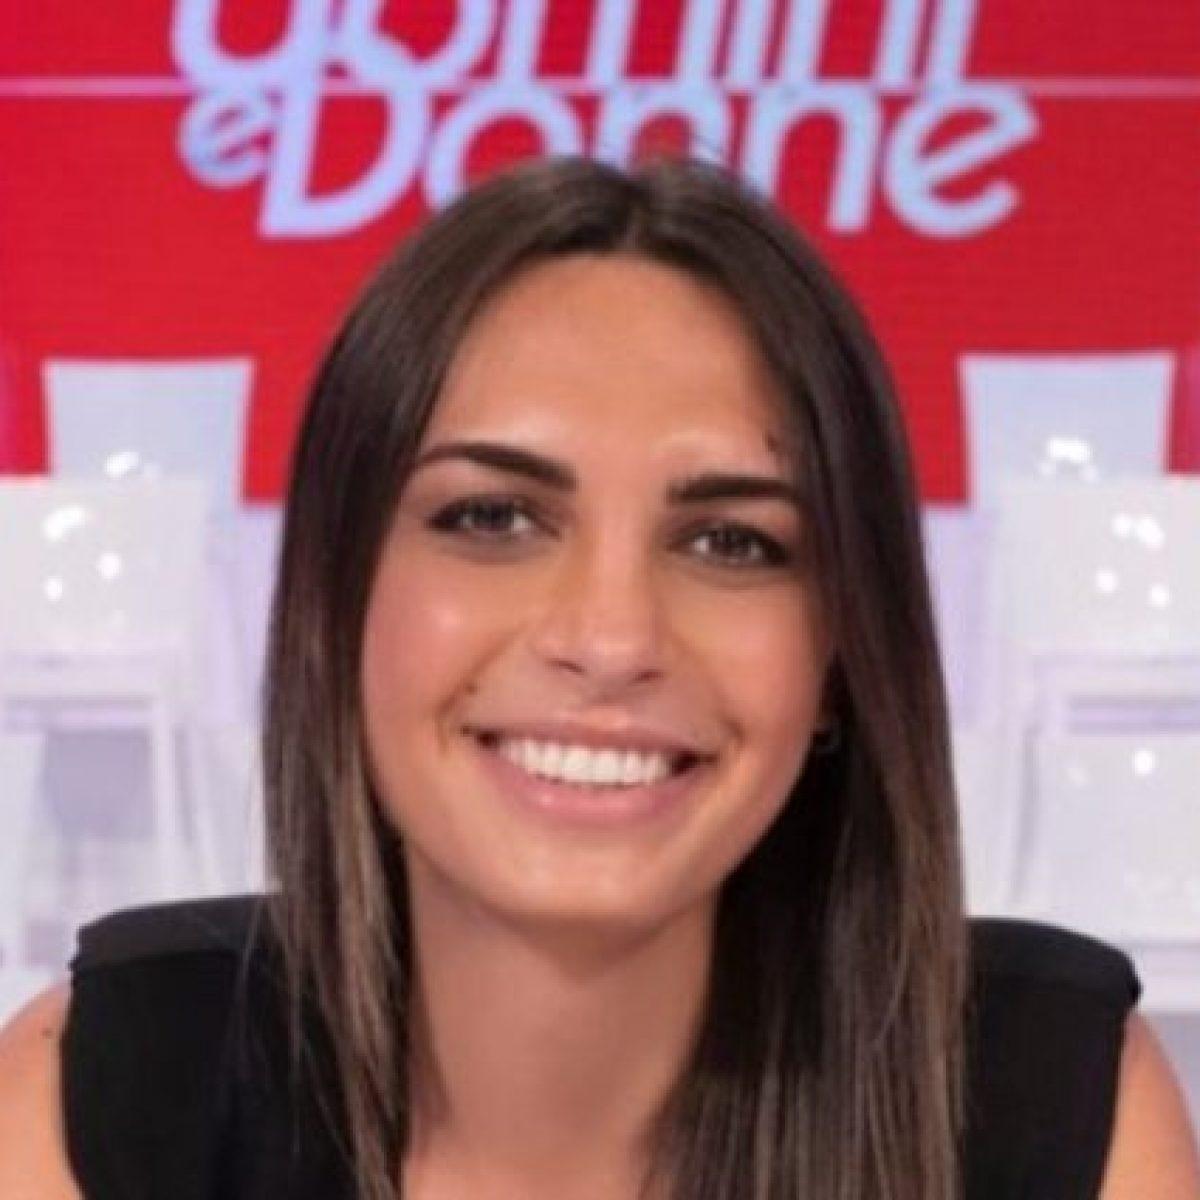 Uomini e Donne Andrea Nicole tronista prima puntata